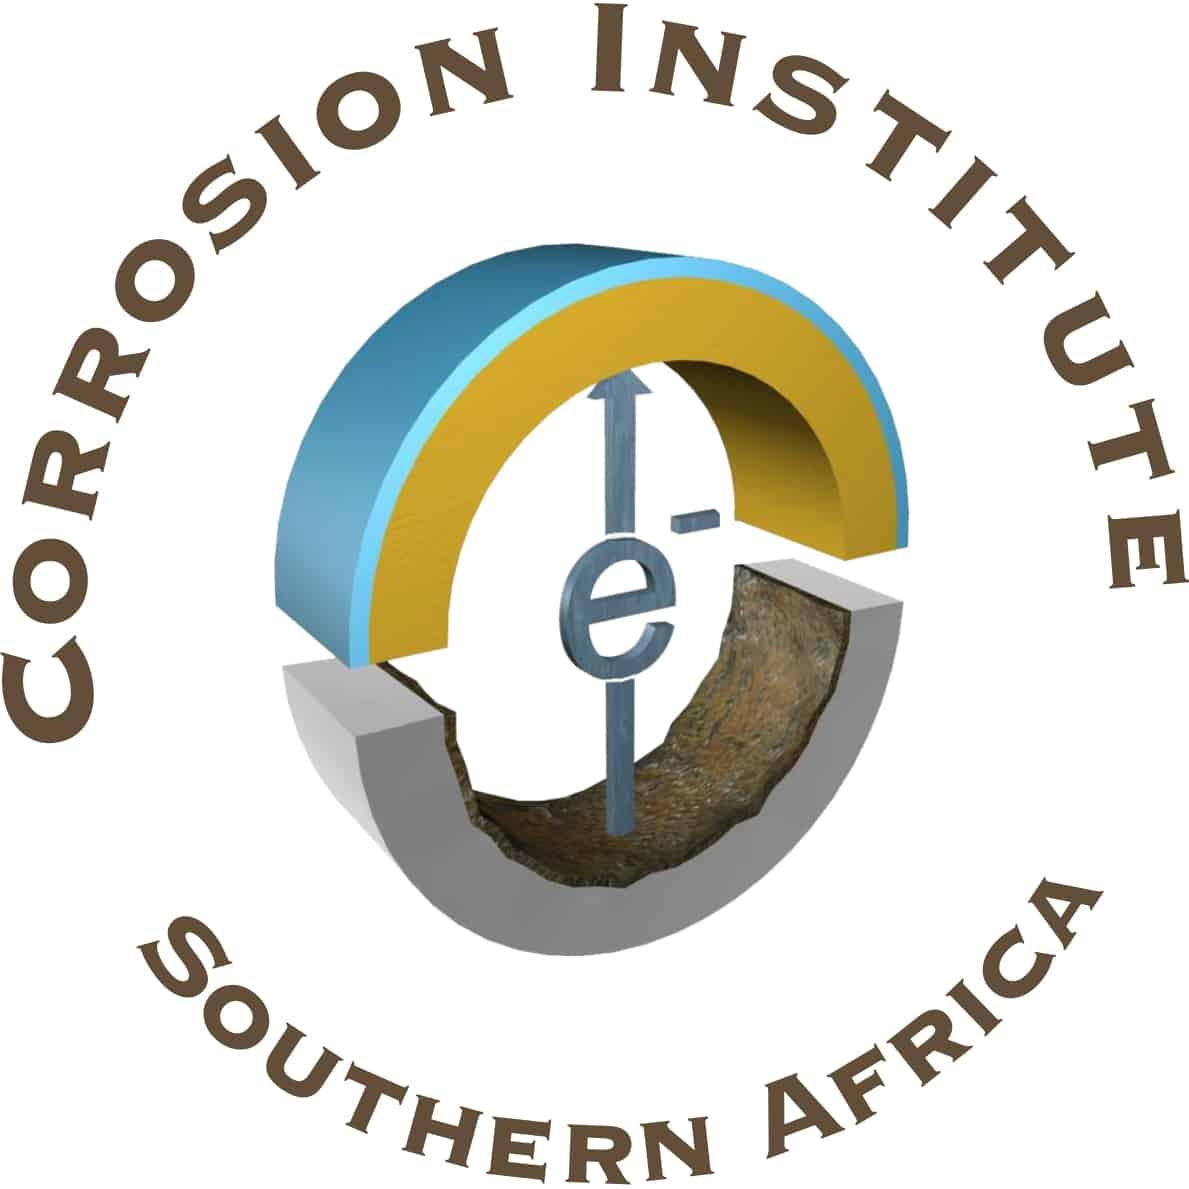 Corrosion Institute